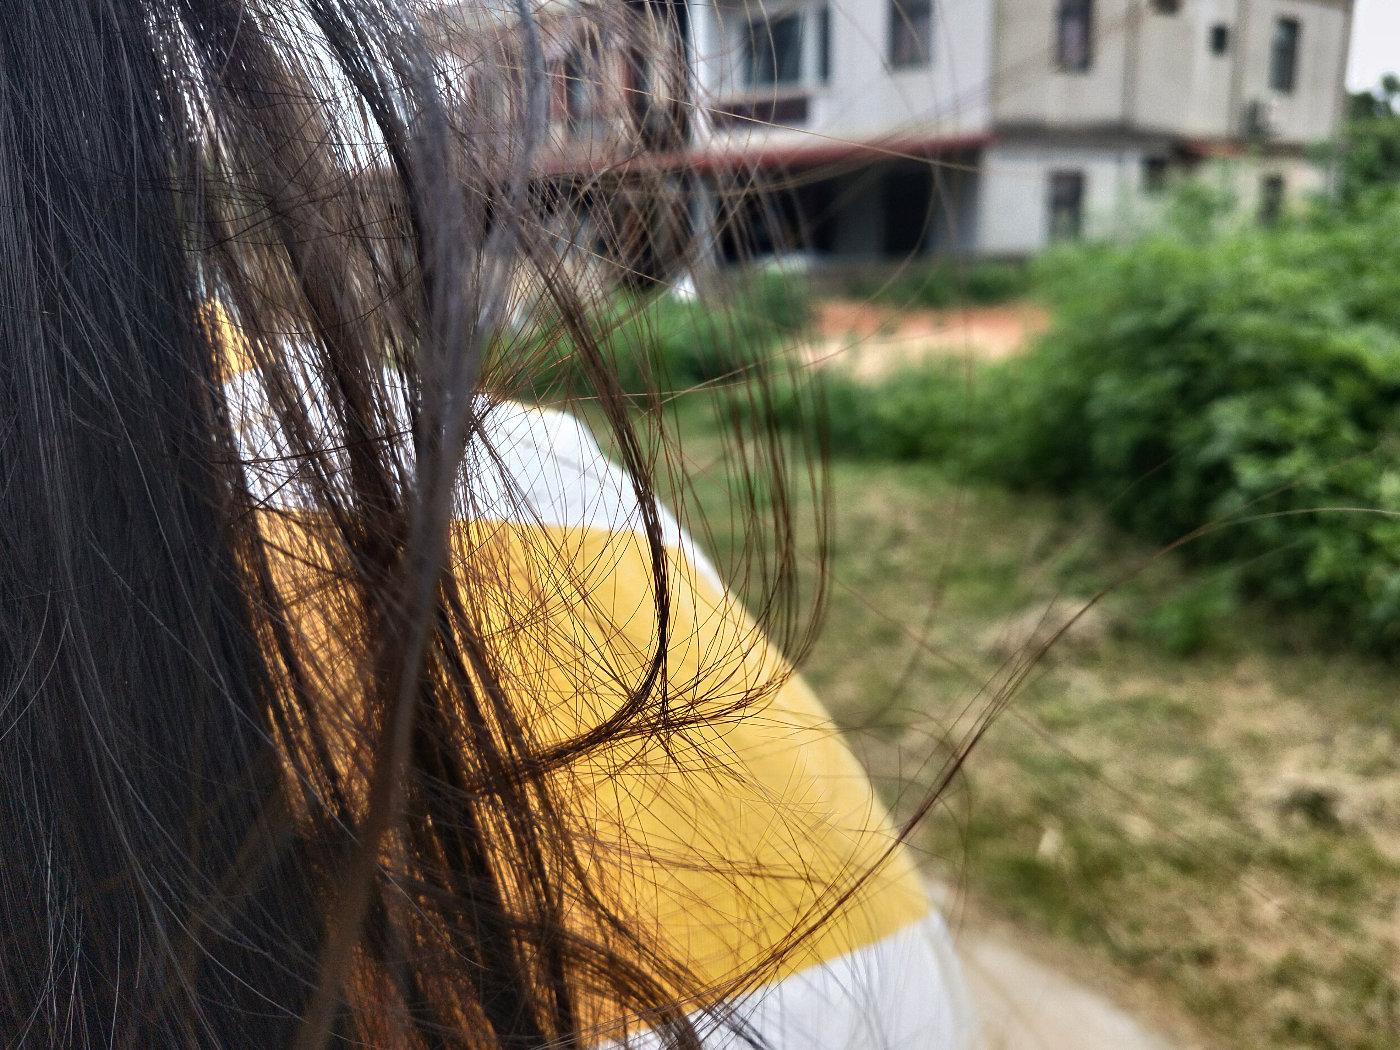 以及优秀的发质和发量!小黄人T恤是我建议她买的,后来一直夸我眼光好,嘻嘻